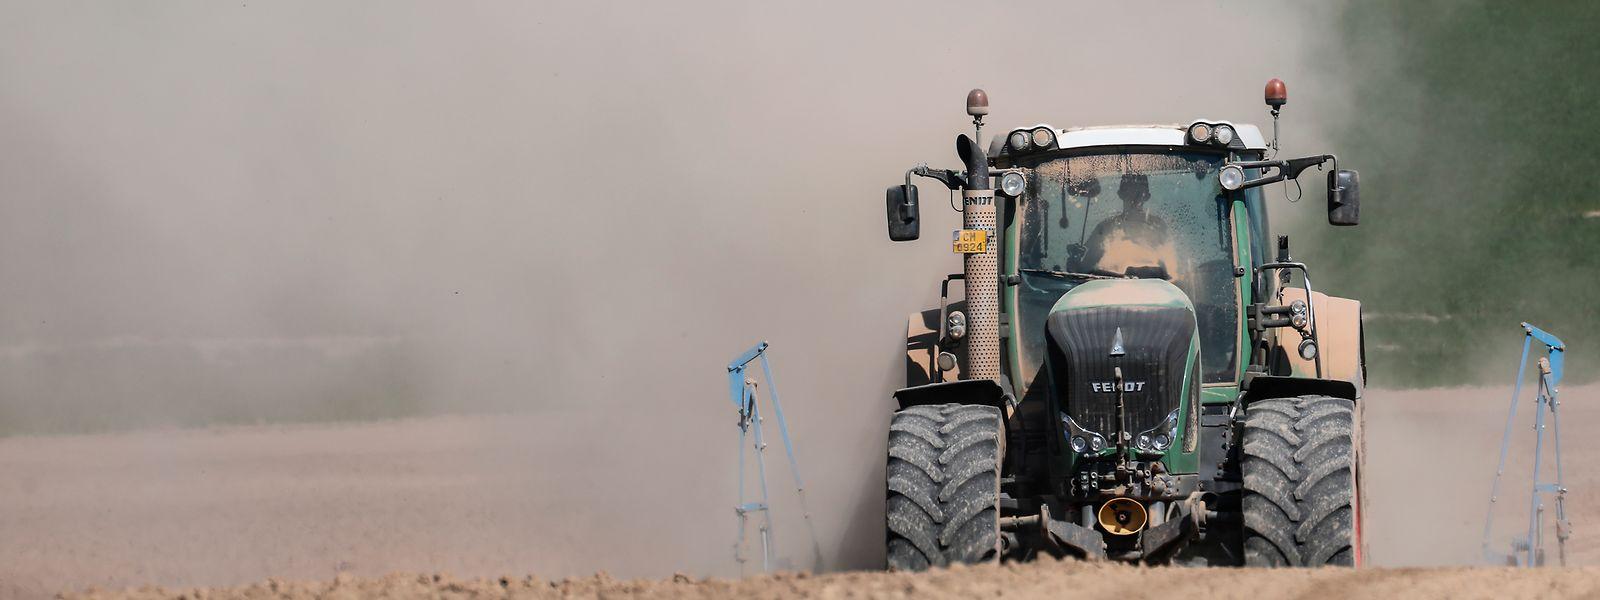 Unter dem Regenmangel der vergangenen Monate litt insbesondere die Landwirtschaft.